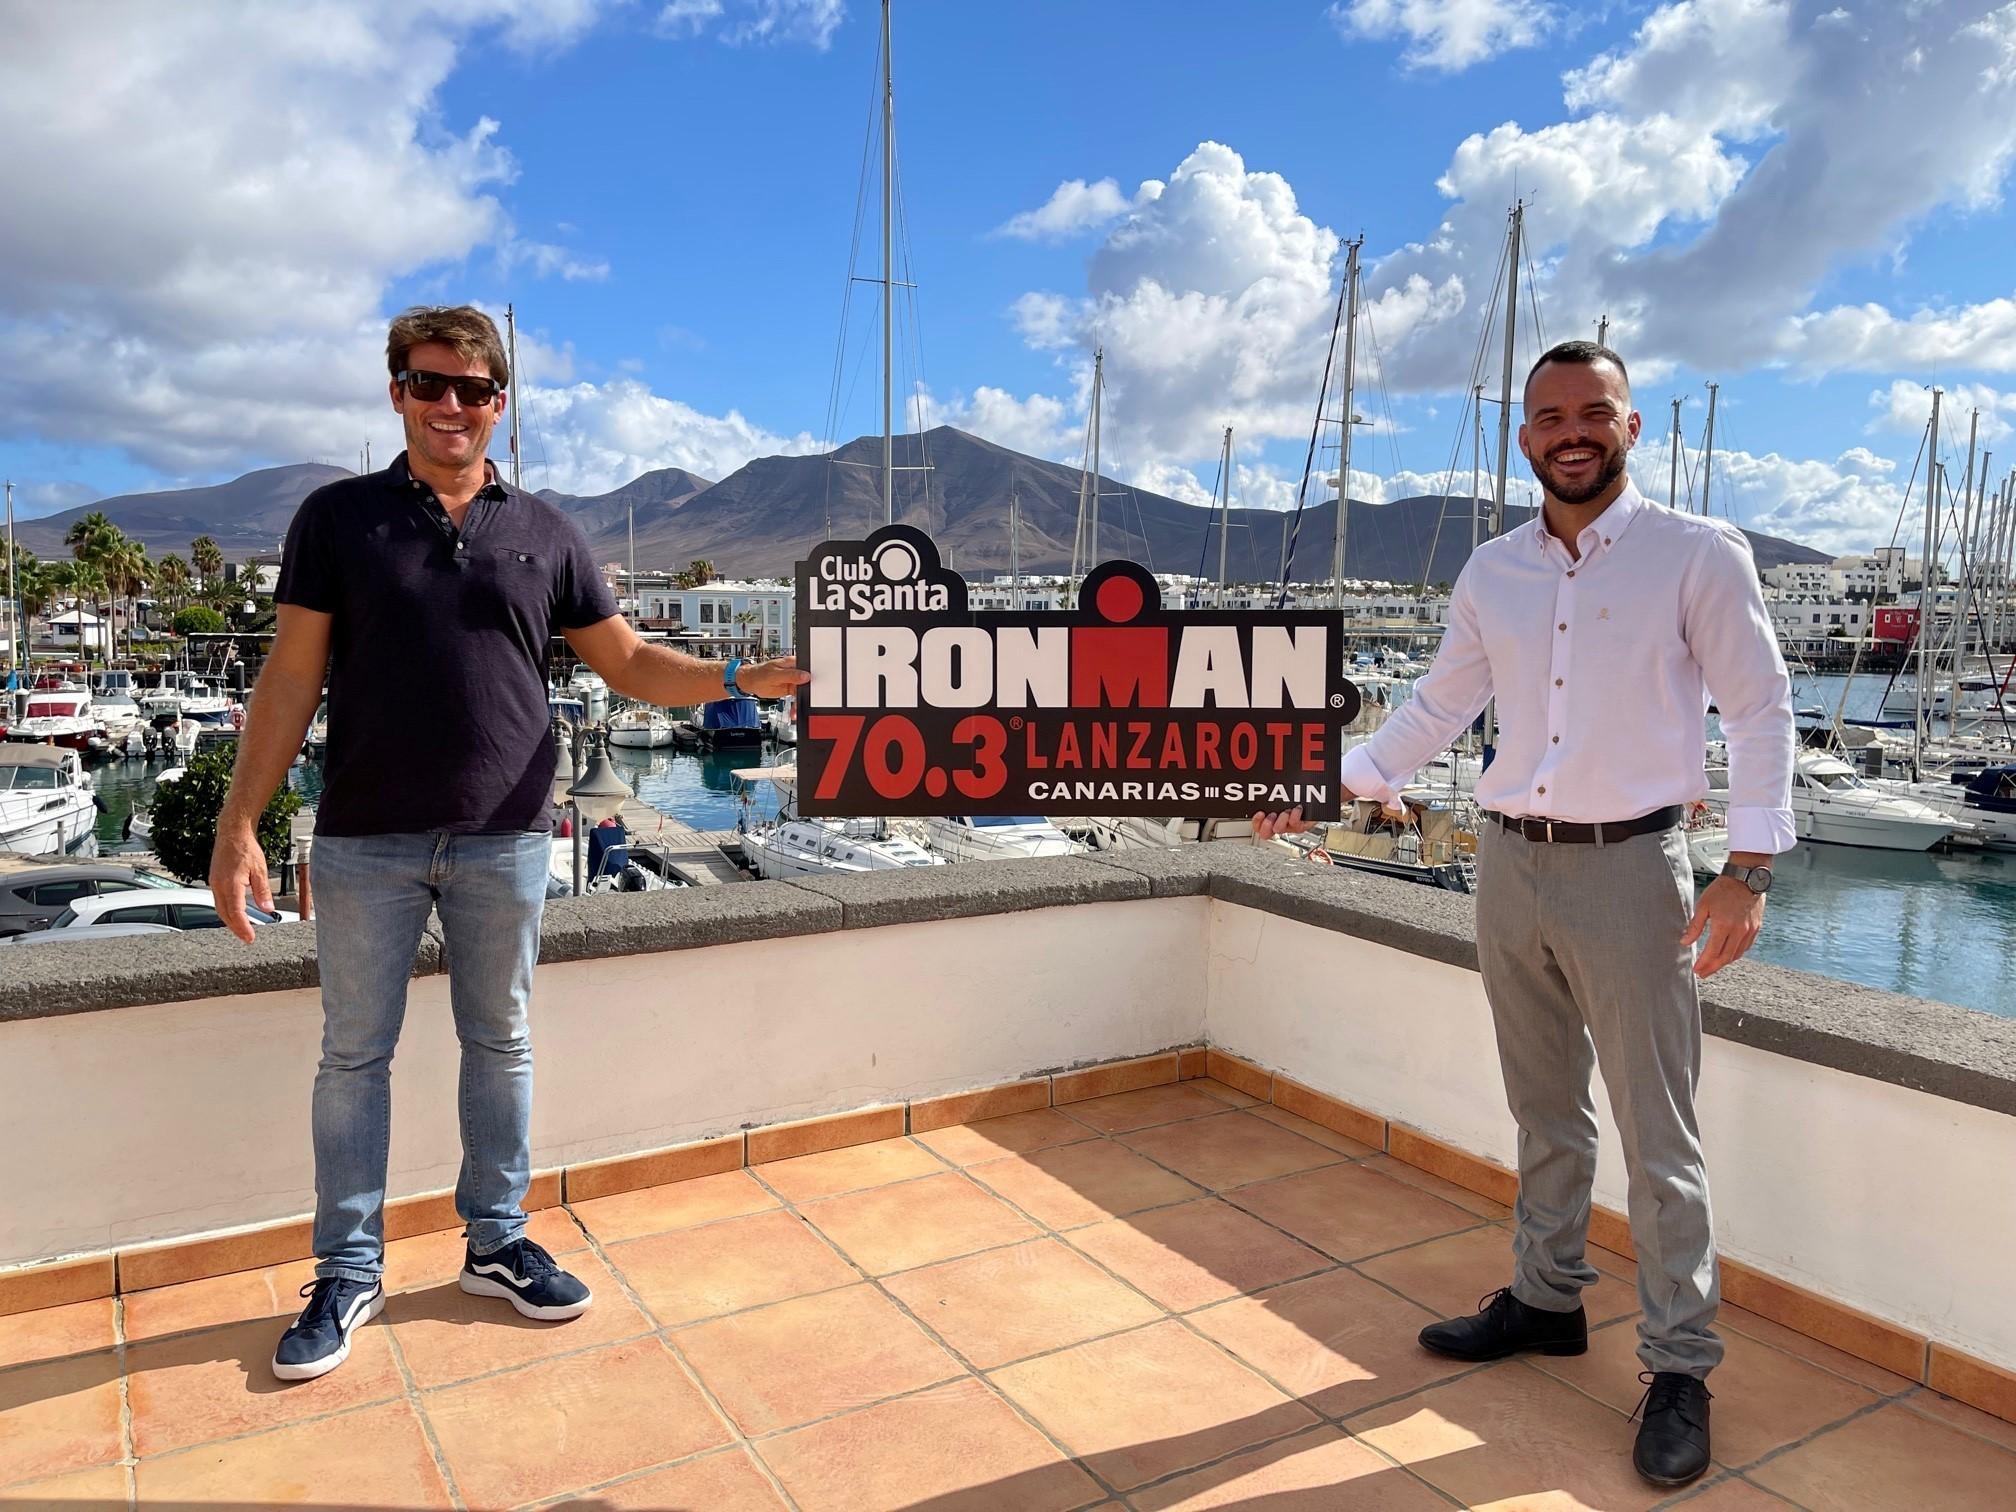 Marina Rubicón colaborará con Club La Santa como punto de salida del IRONMAN 70.3 Lanzarote